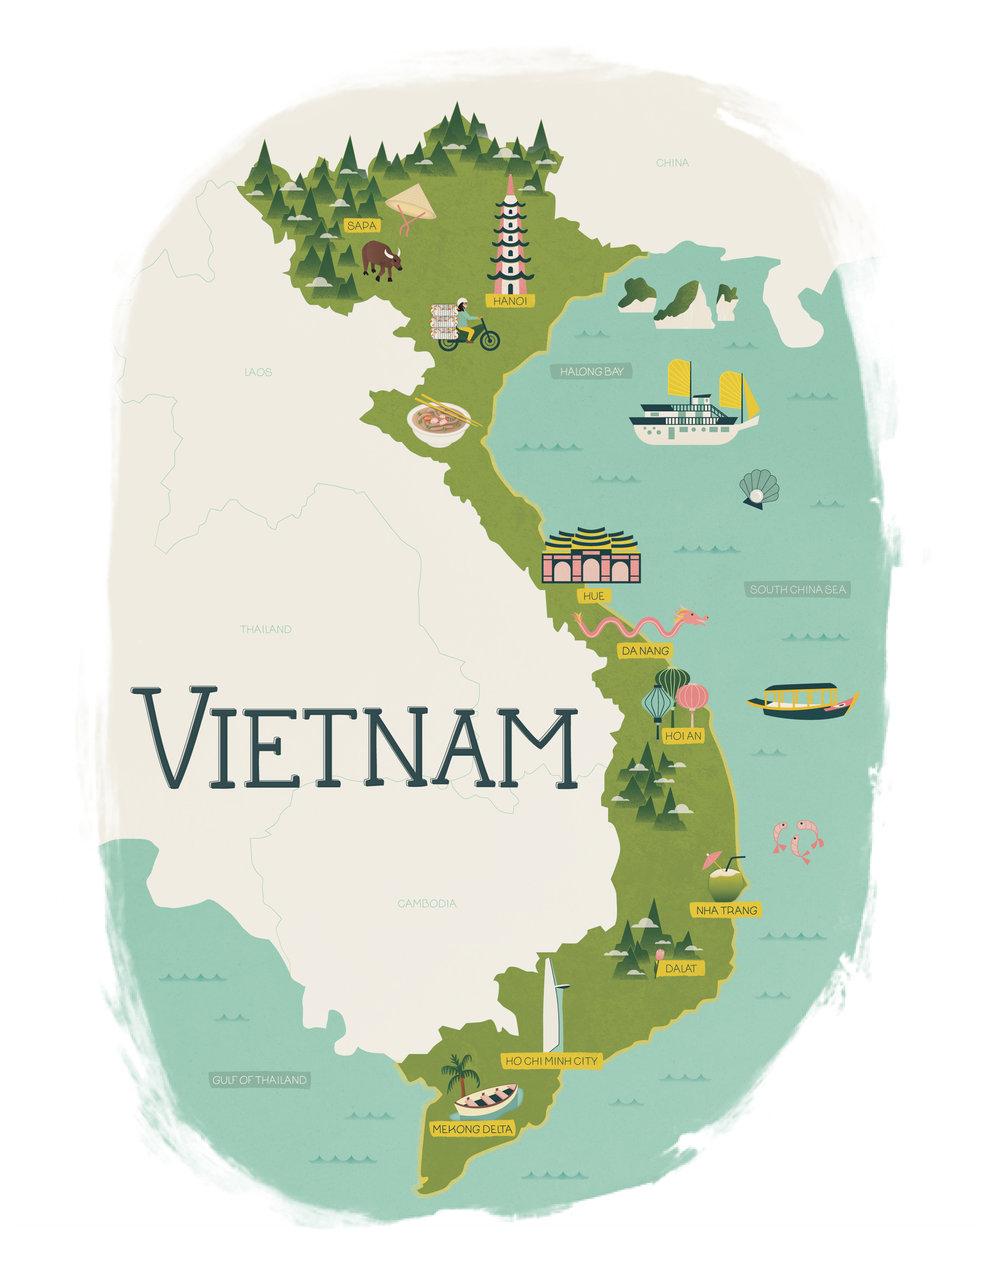 vietnamillustratedmap.jpg